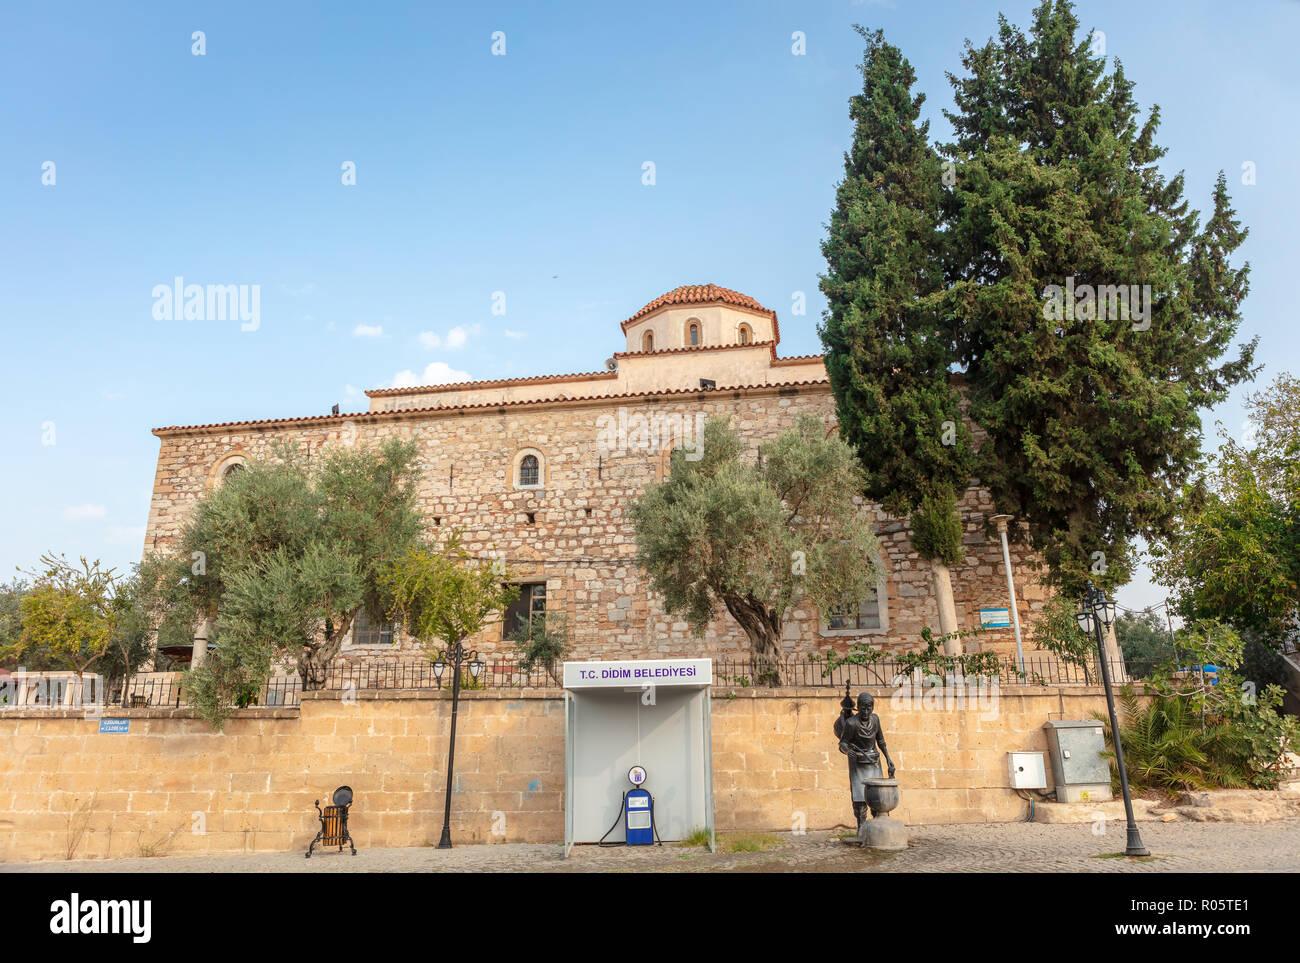 Street View der historischen Moschee in Dydim in der Nähe der Tempel des Apollo mit elektrischer Mobilität Ladestation und die Statue von Wasser Verkäufer. Stockbild